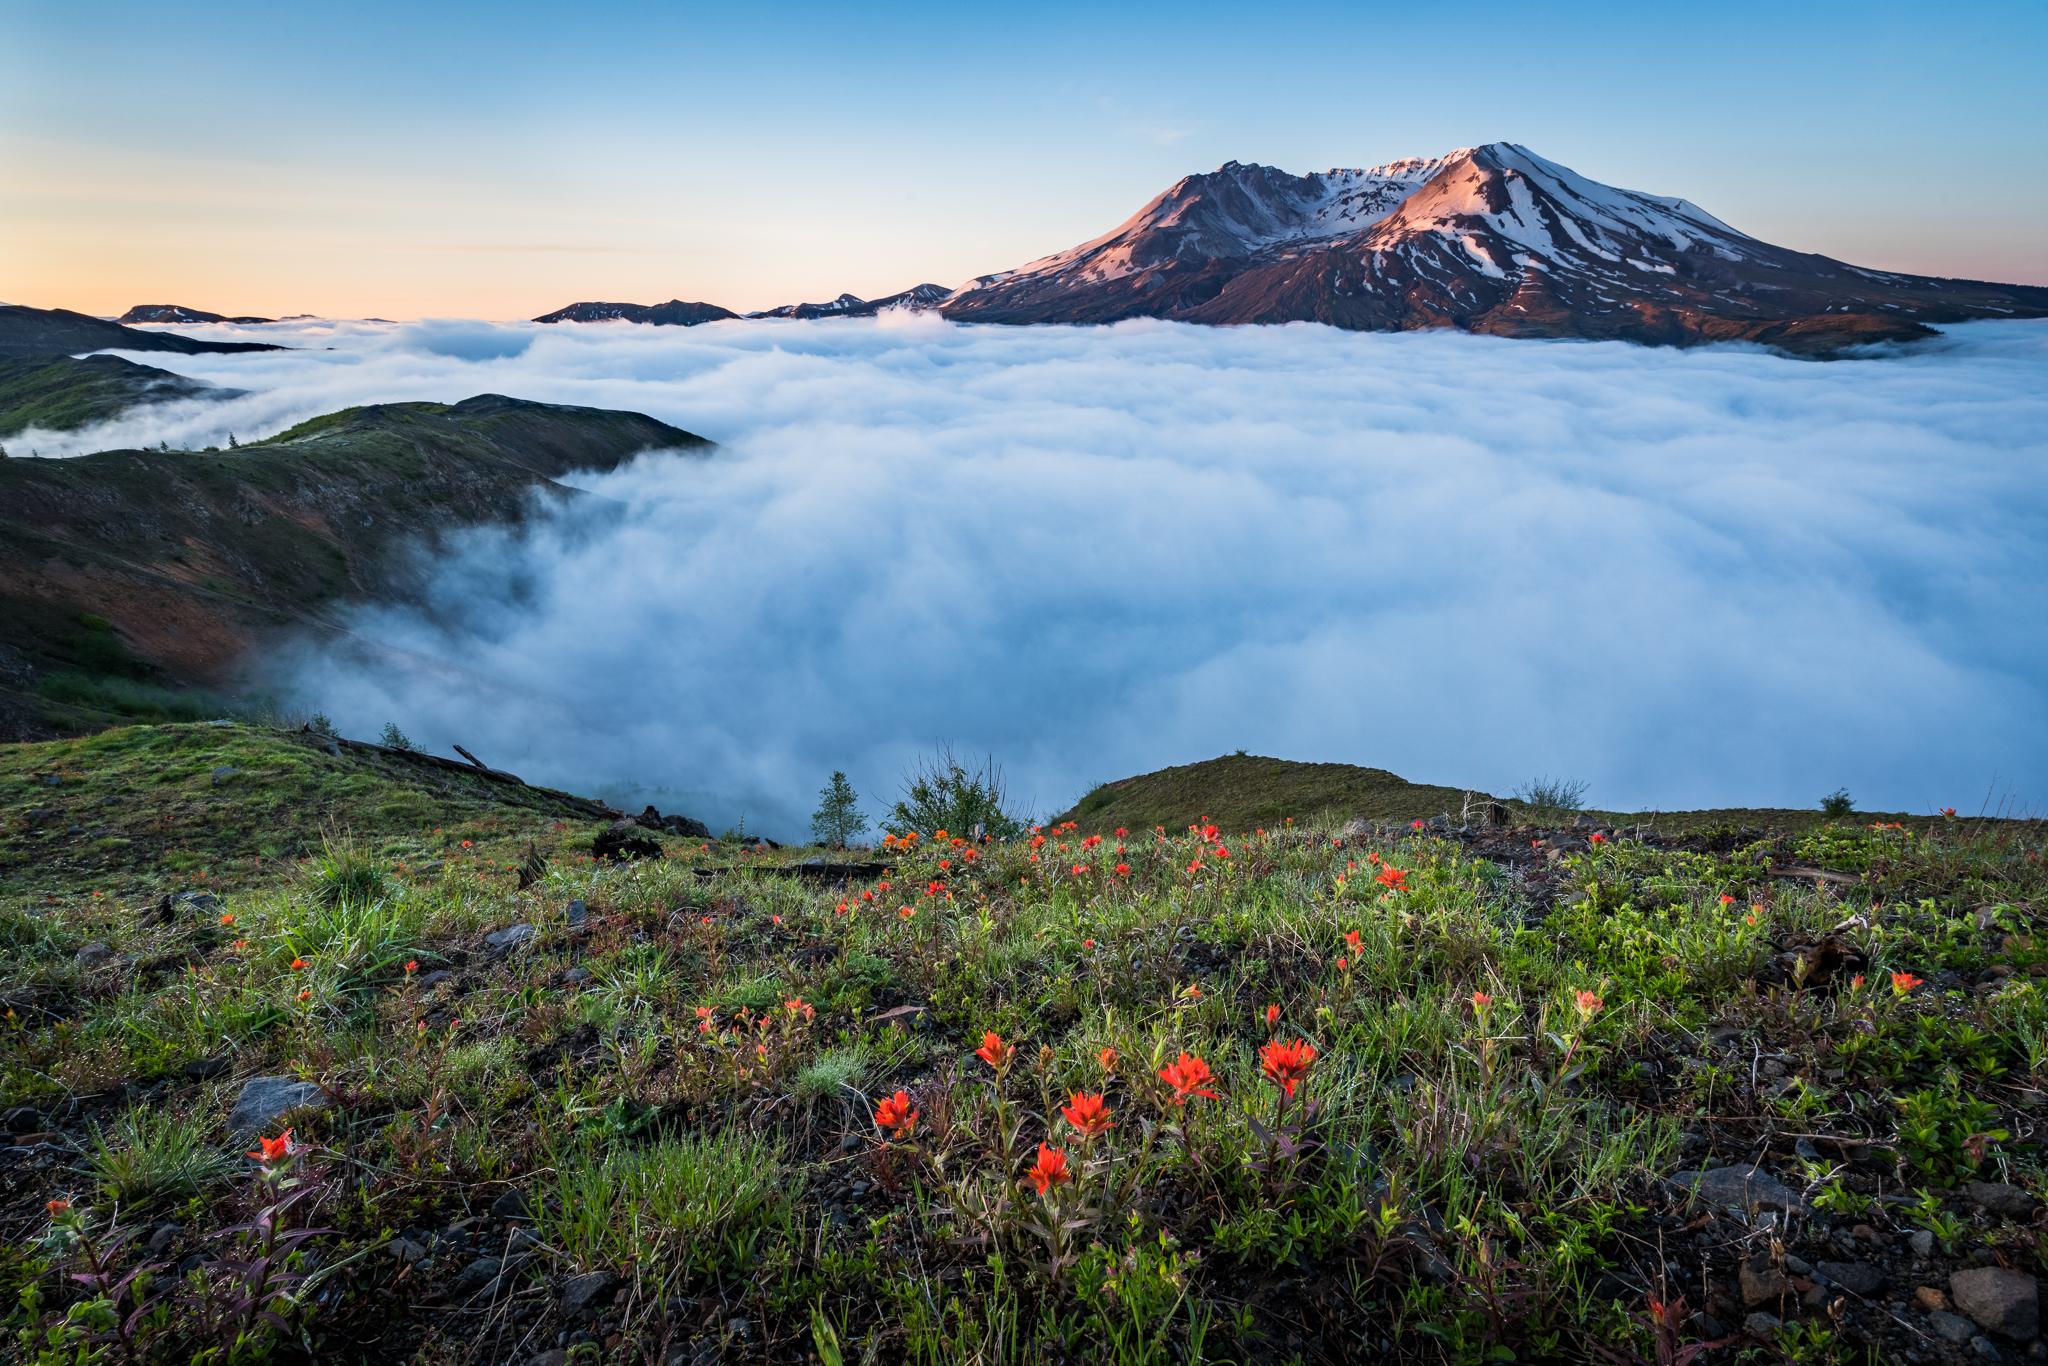 Mount St. Helens Sunrise